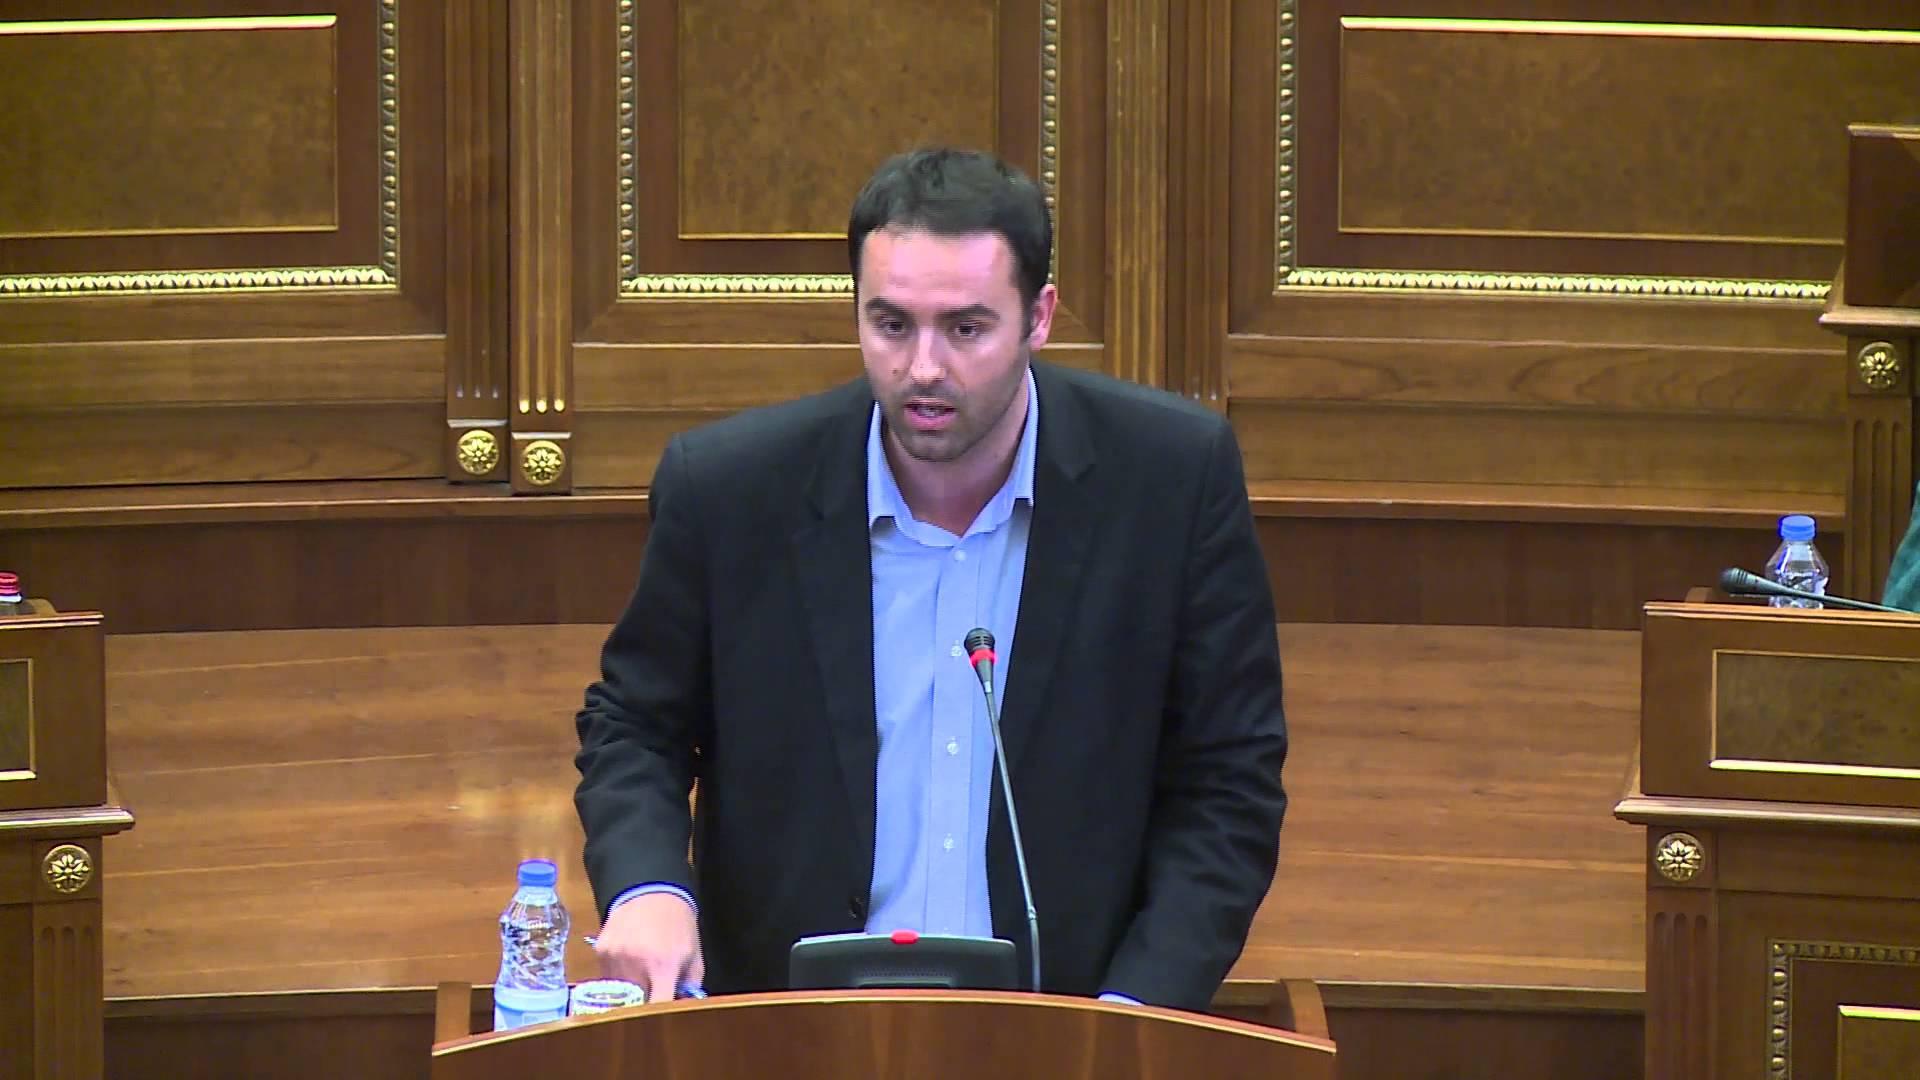 Konjufca: Për 20 vite për termocentralin Kosova e re qytetarët do të paguajnë 5 miliard euro AKTUALE